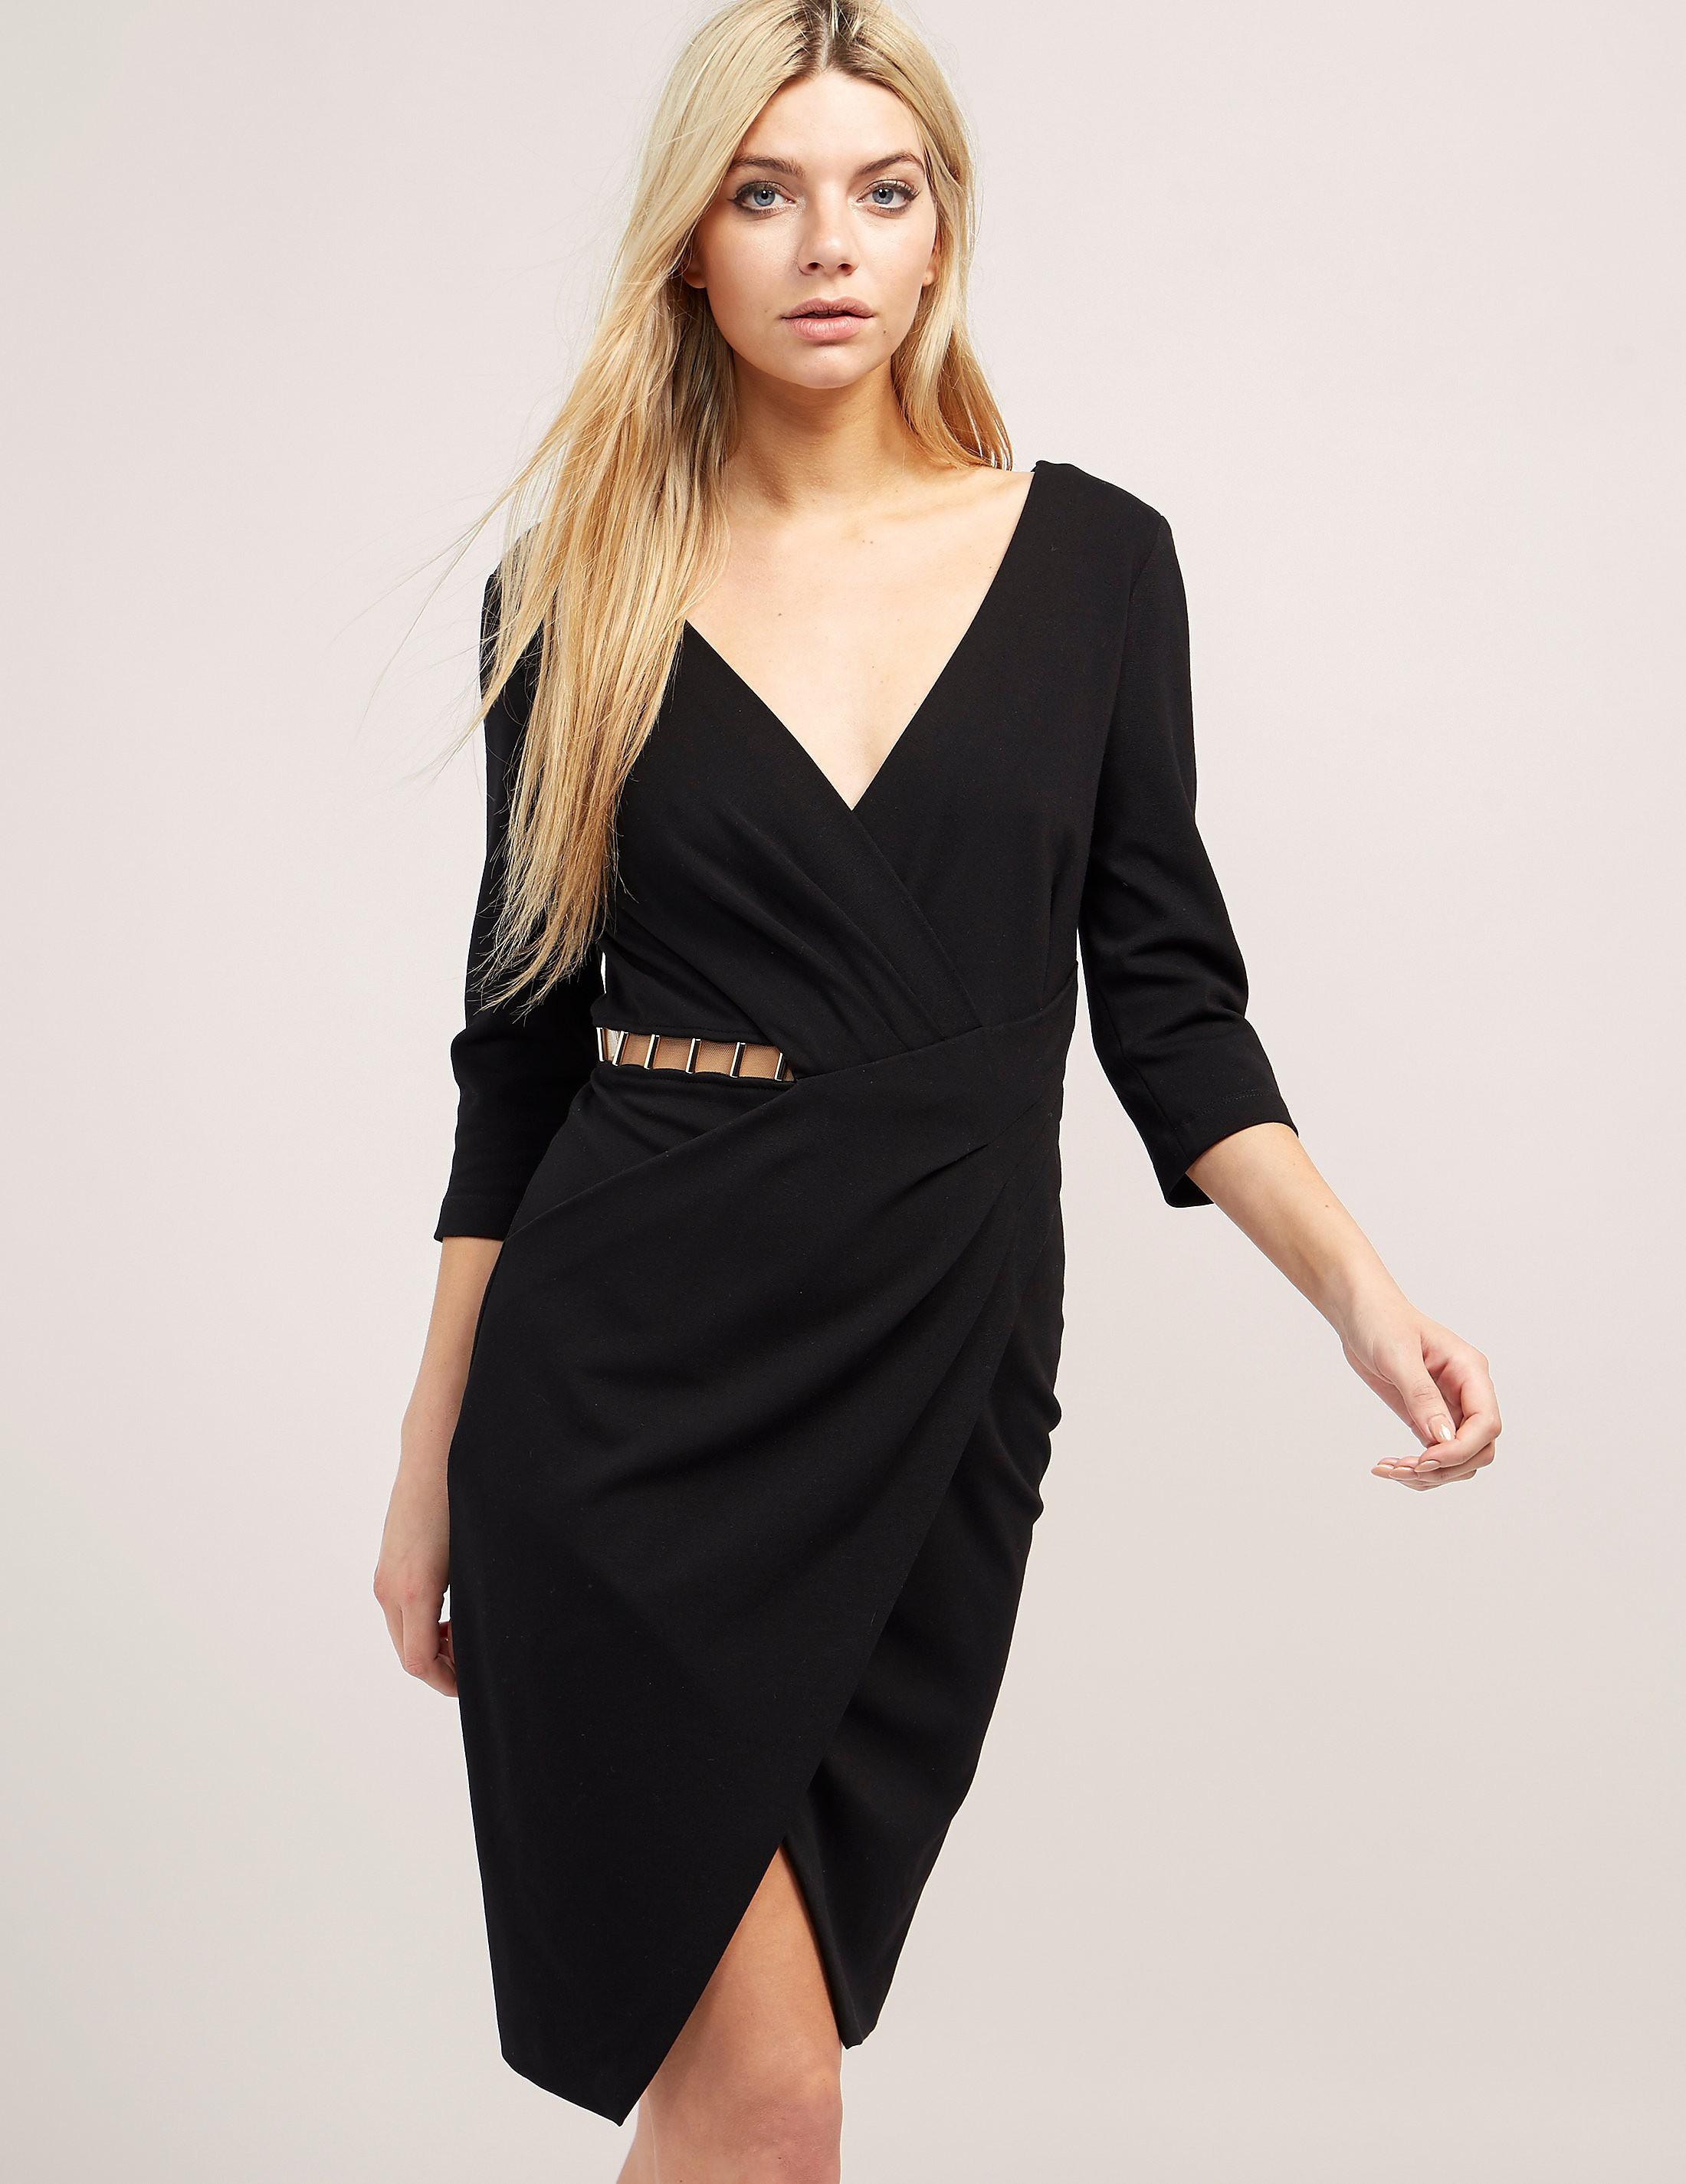 Versace Cut Out Wrap Dress